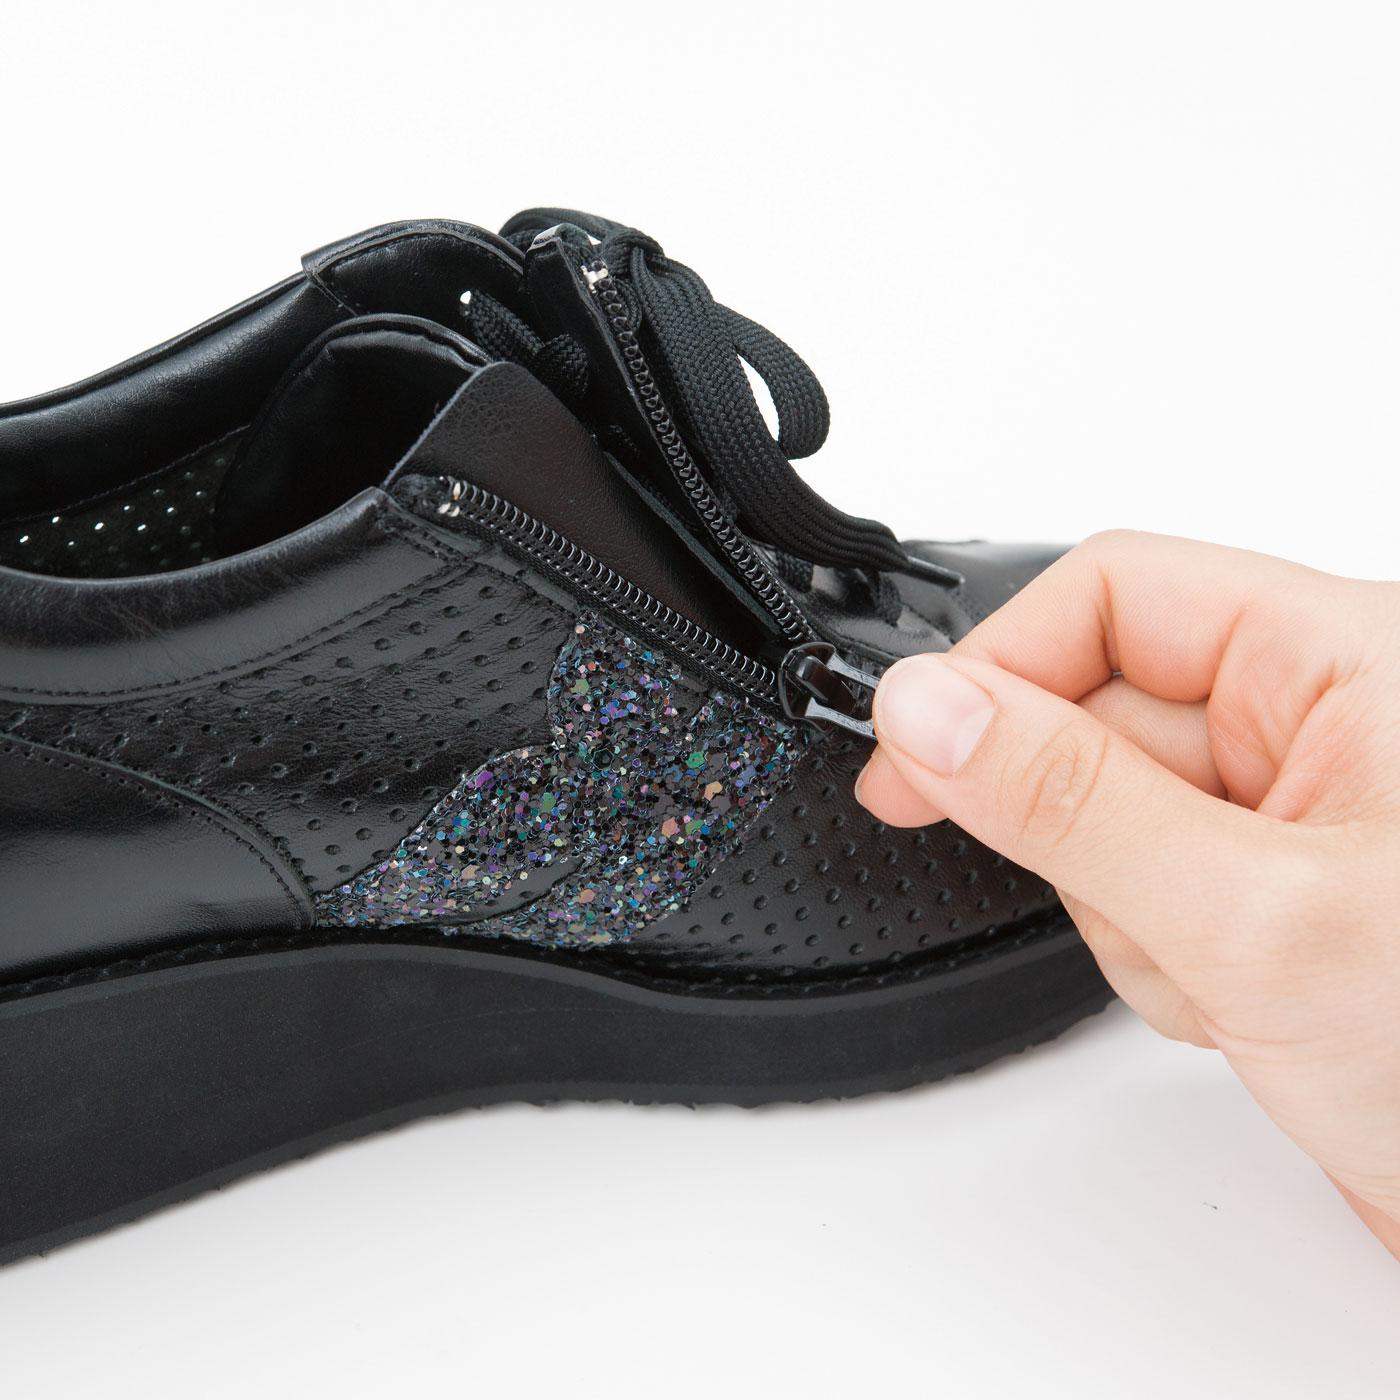 目立ちにくい内側ファスナー仕様で、脱ぎ履きスムーズ。履き口はソフトな仕上げで足当たりも◎。